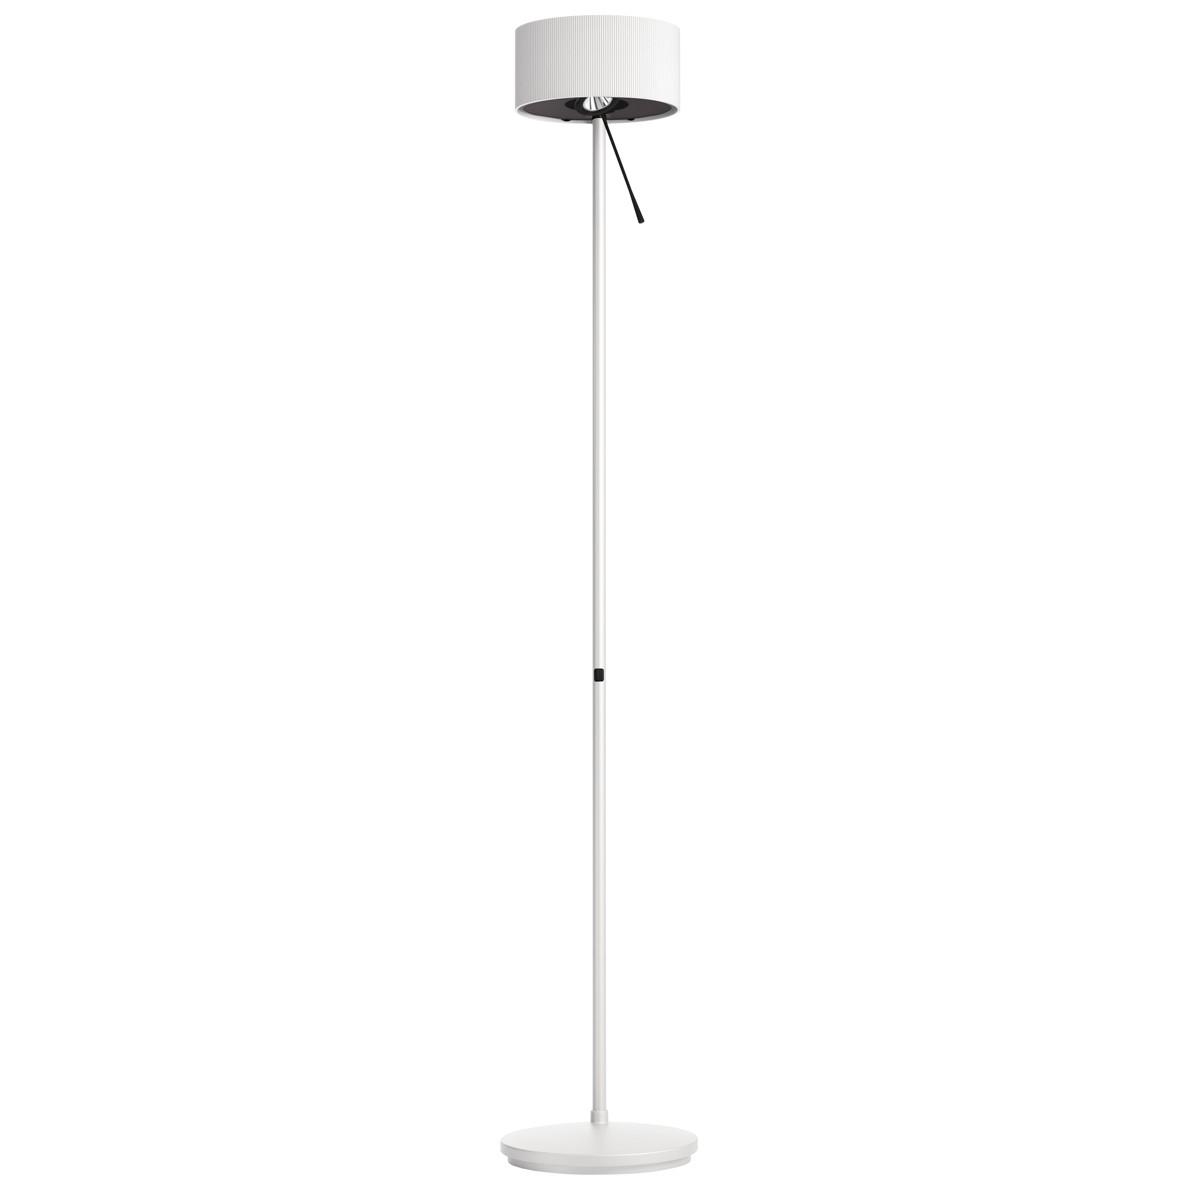 Belux Diogenes-10 LED Stehleuchte, reinweiß